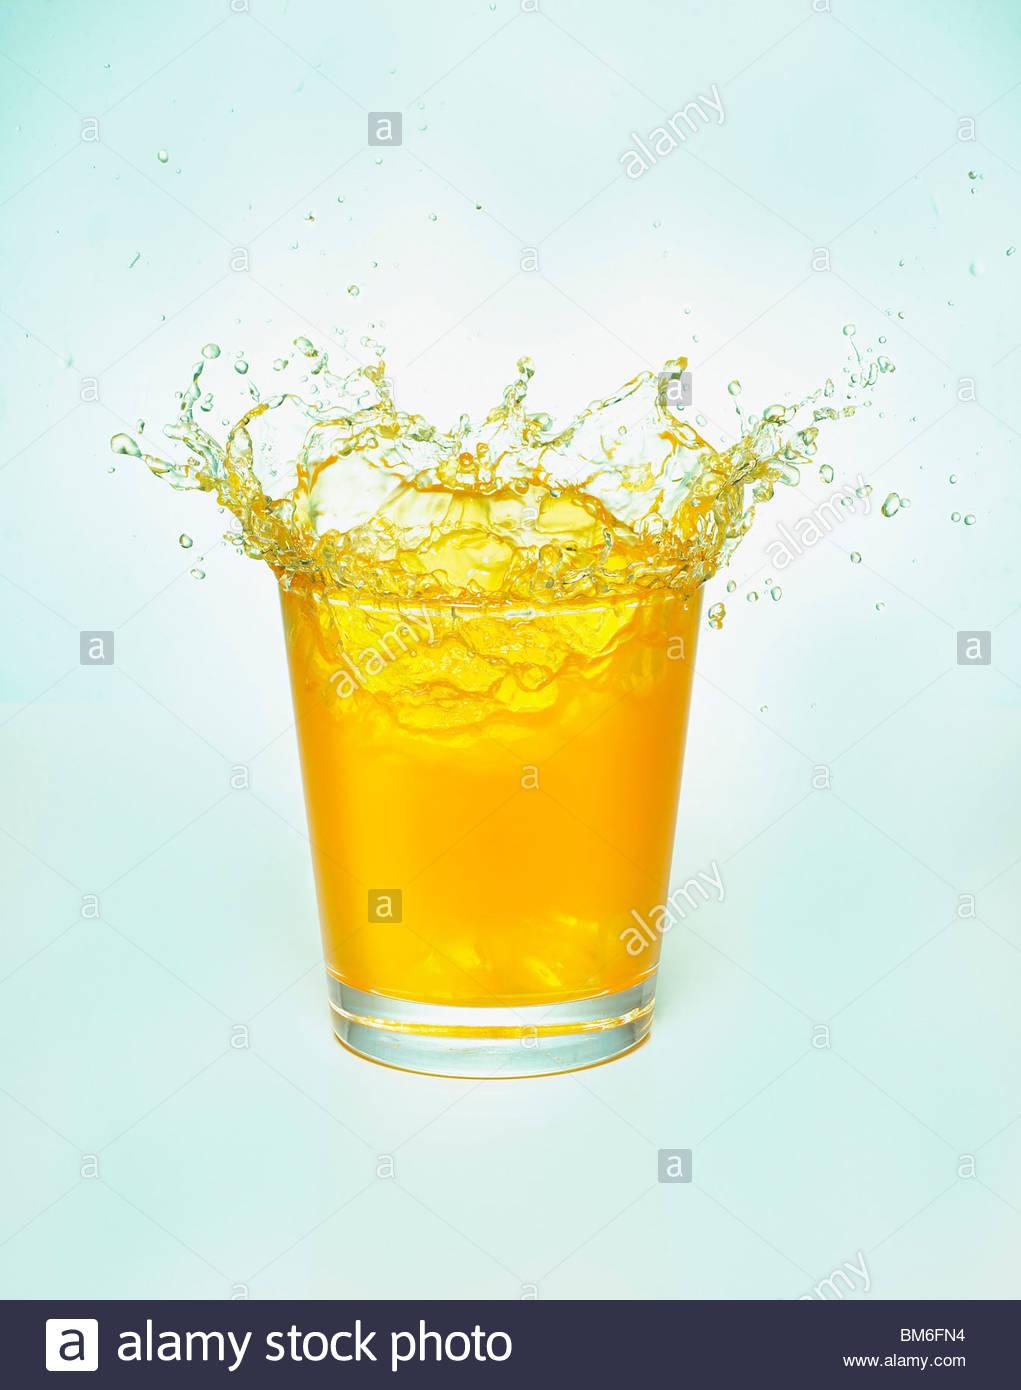 Close up of orange juice splashing out of glass - Stock Image